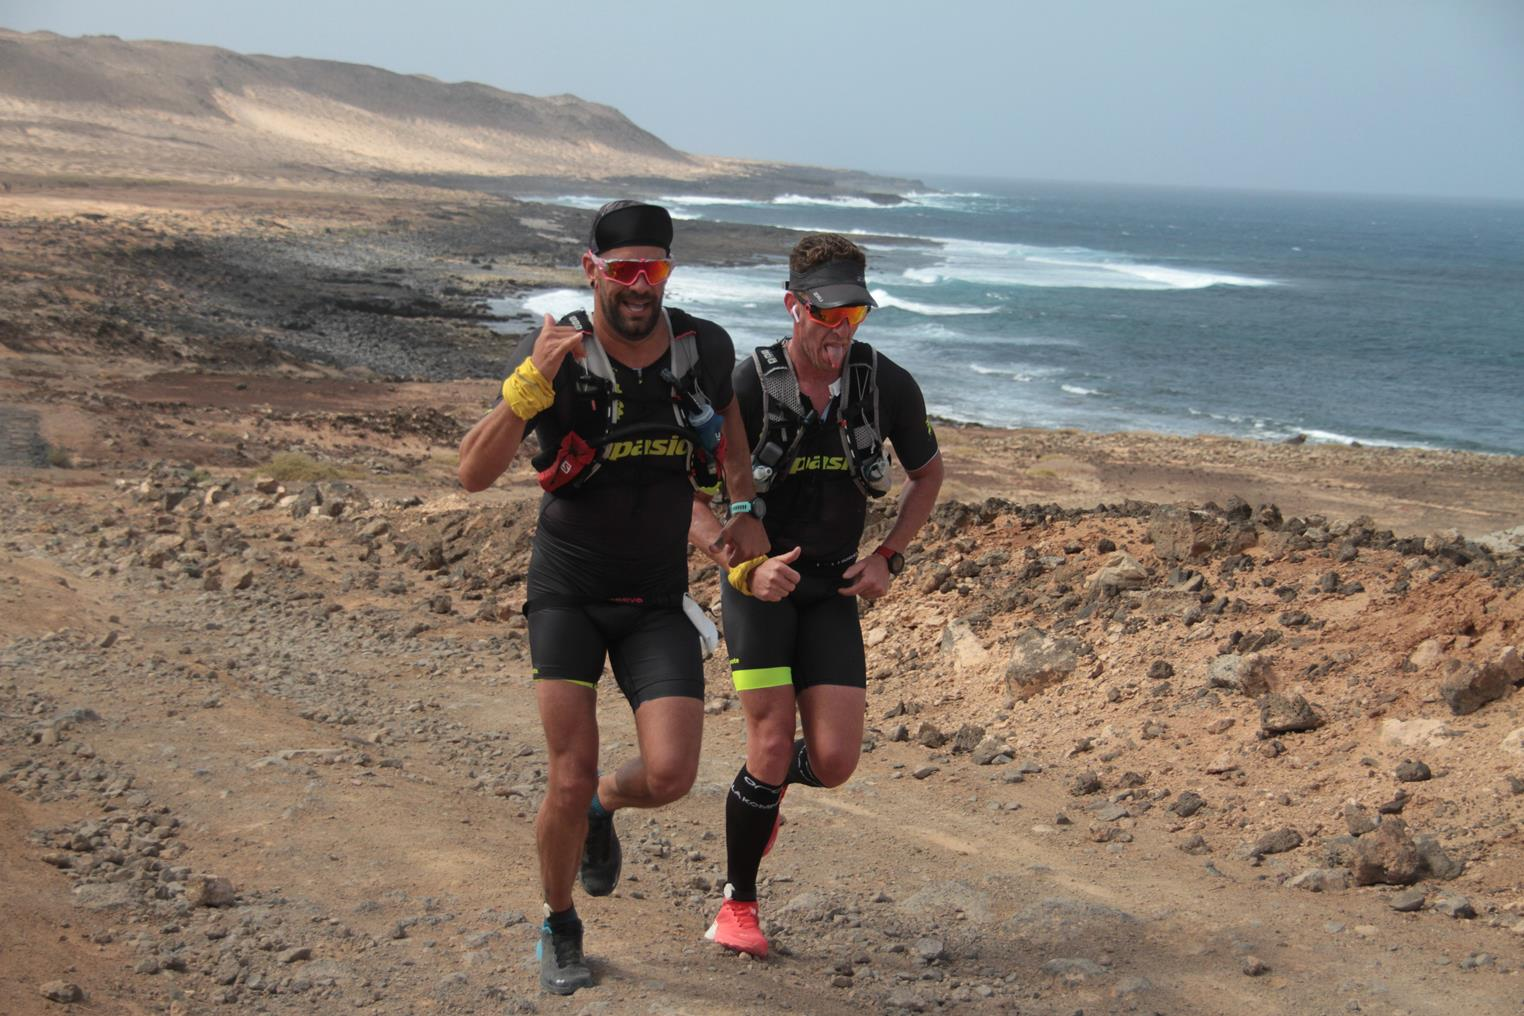 Desafio-Trail-388